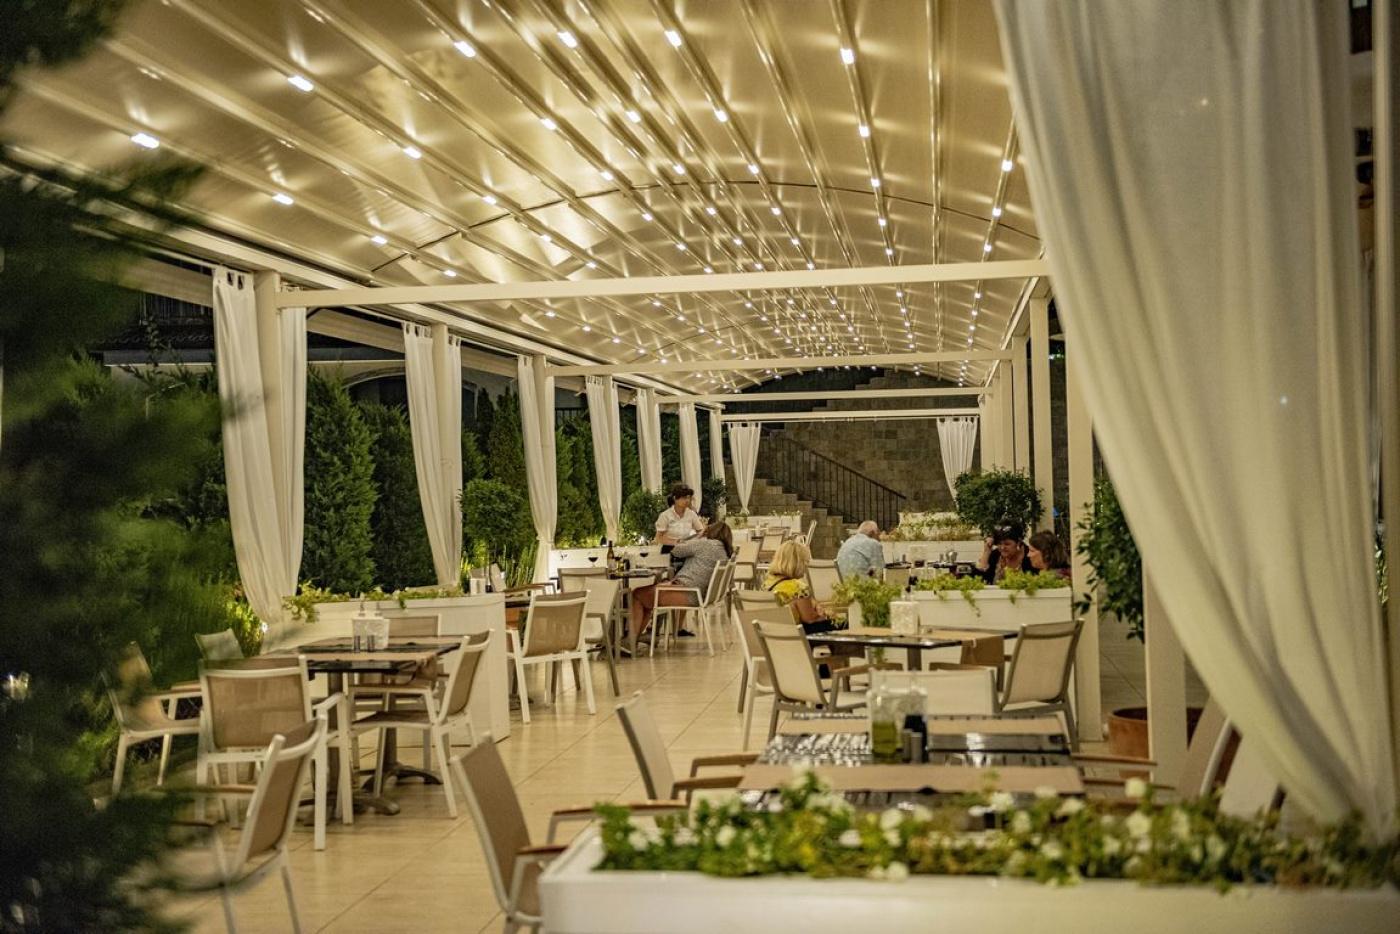 Green Life Апарт-отель